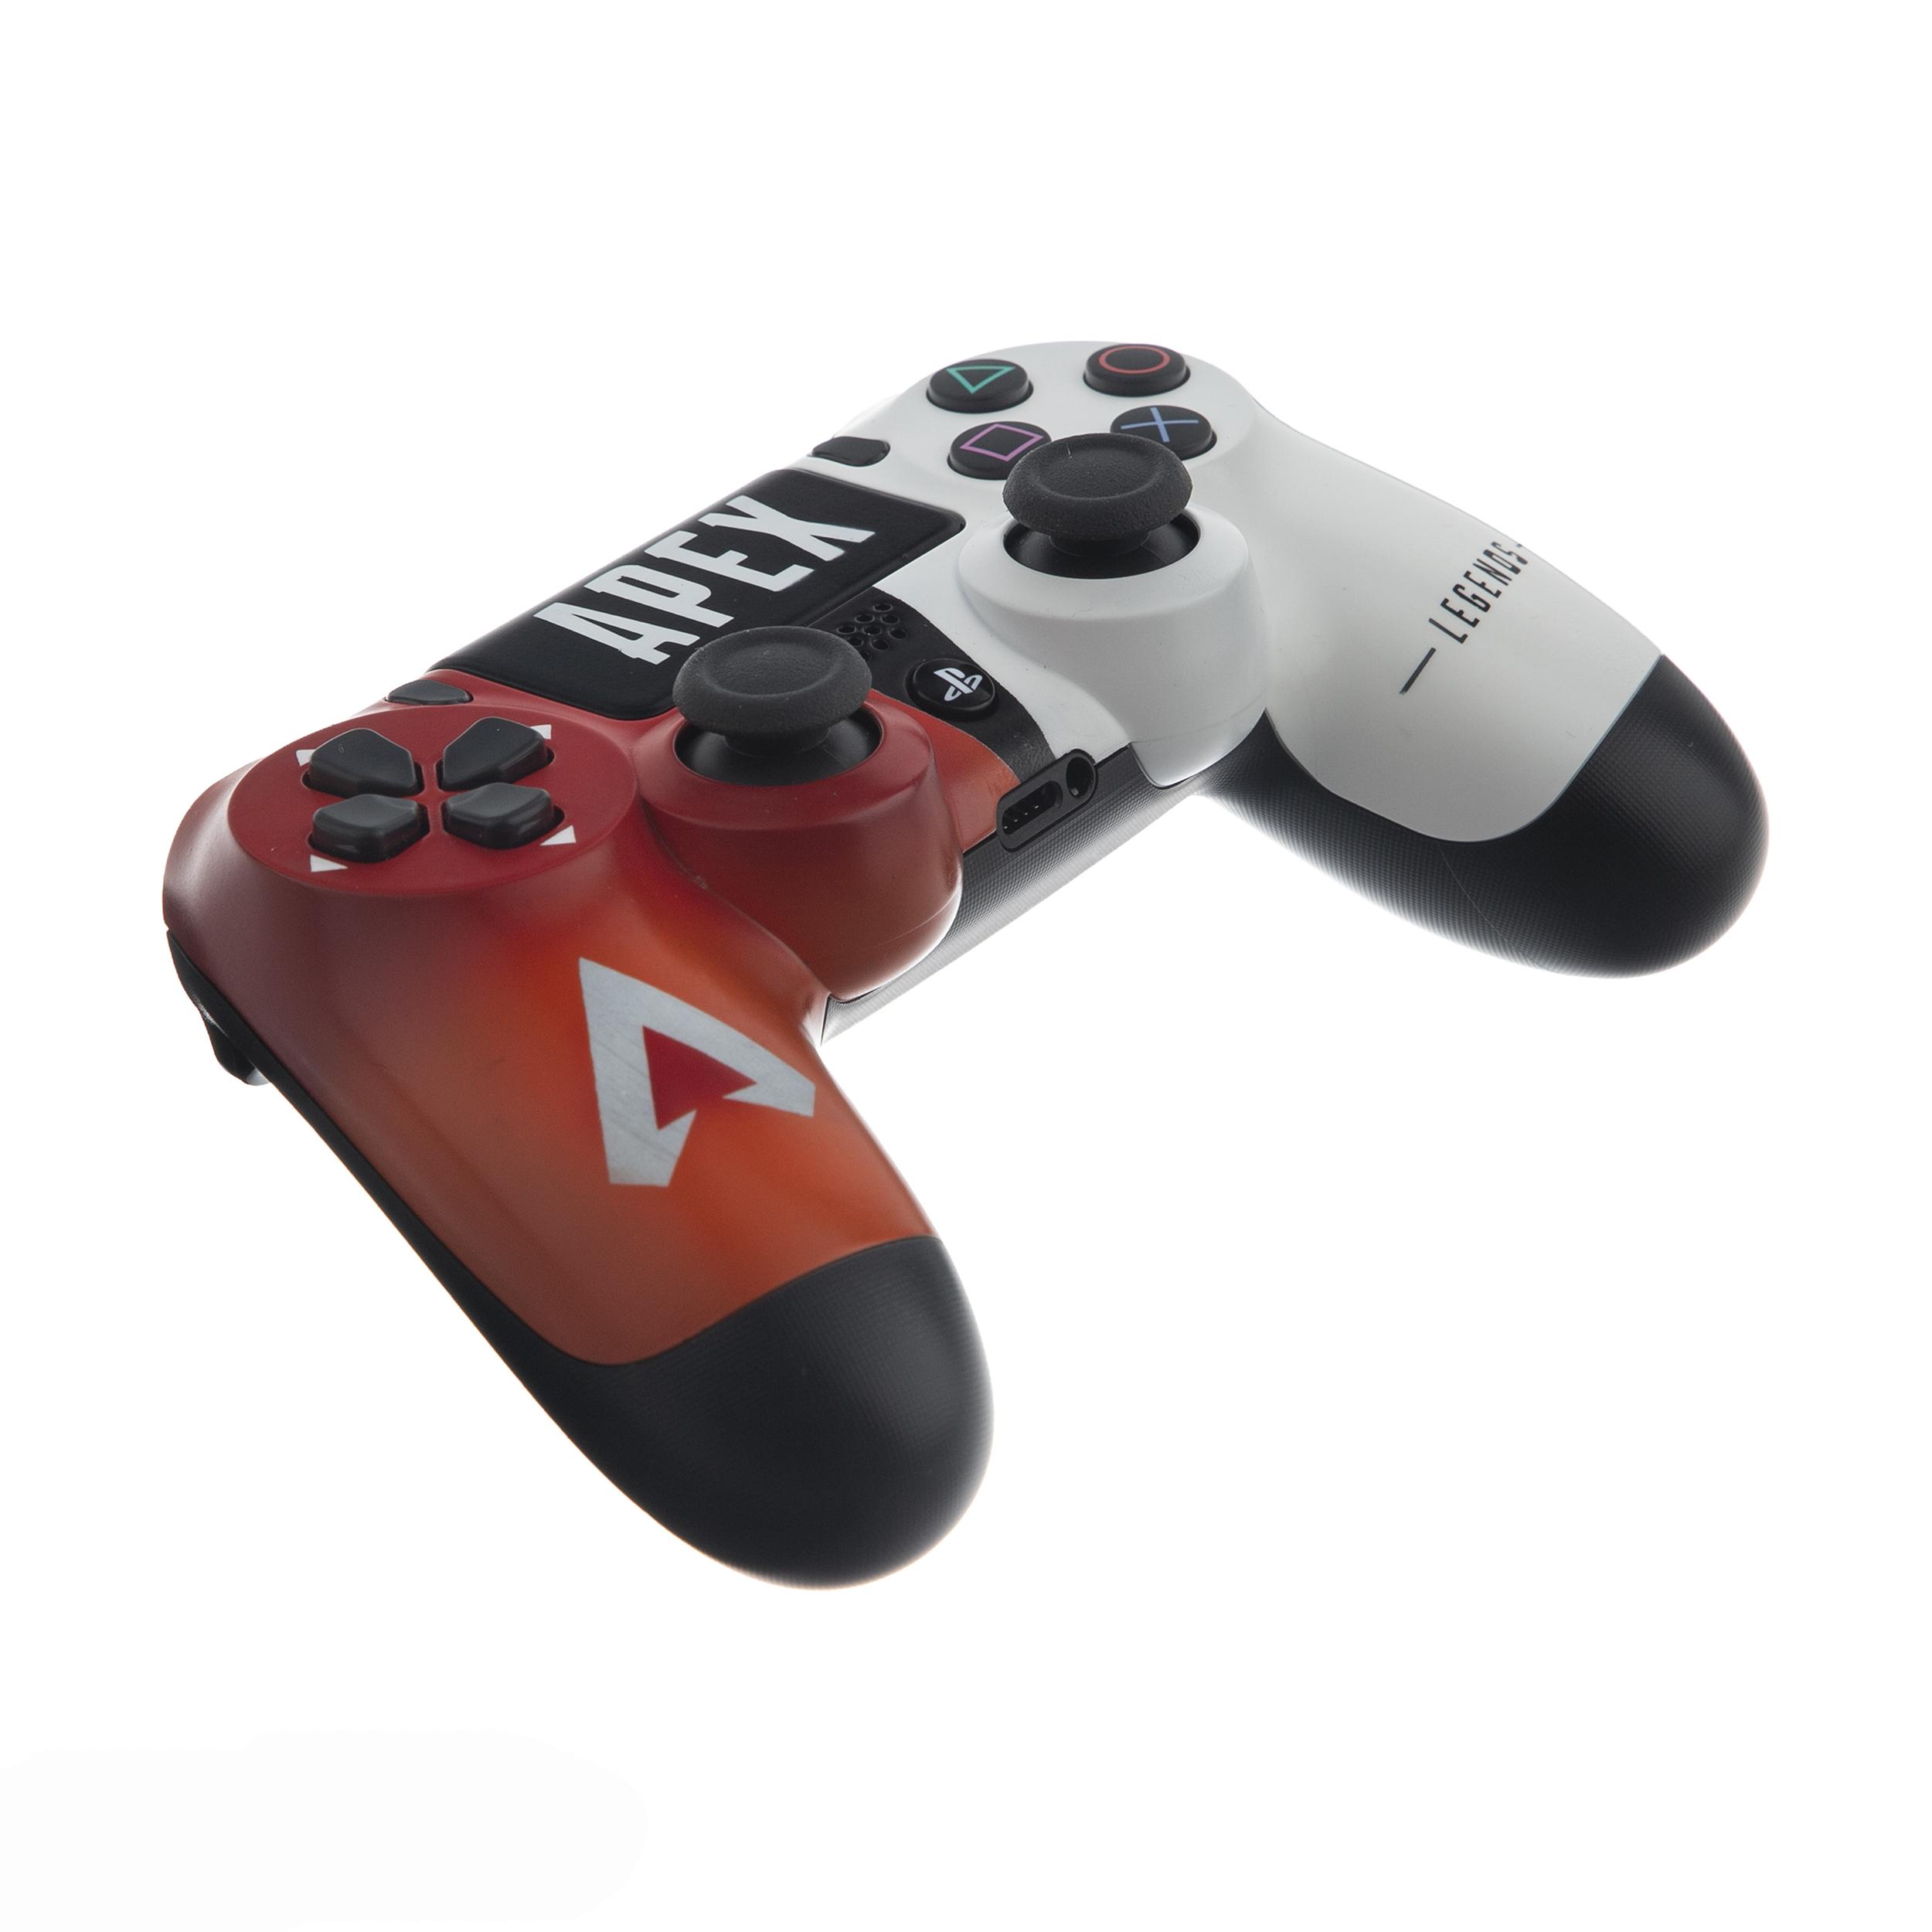 خرید اینترنتی دسته بازی پلی استیشن 4 سونی مدل DualShock4 طرح APEX اورجینال